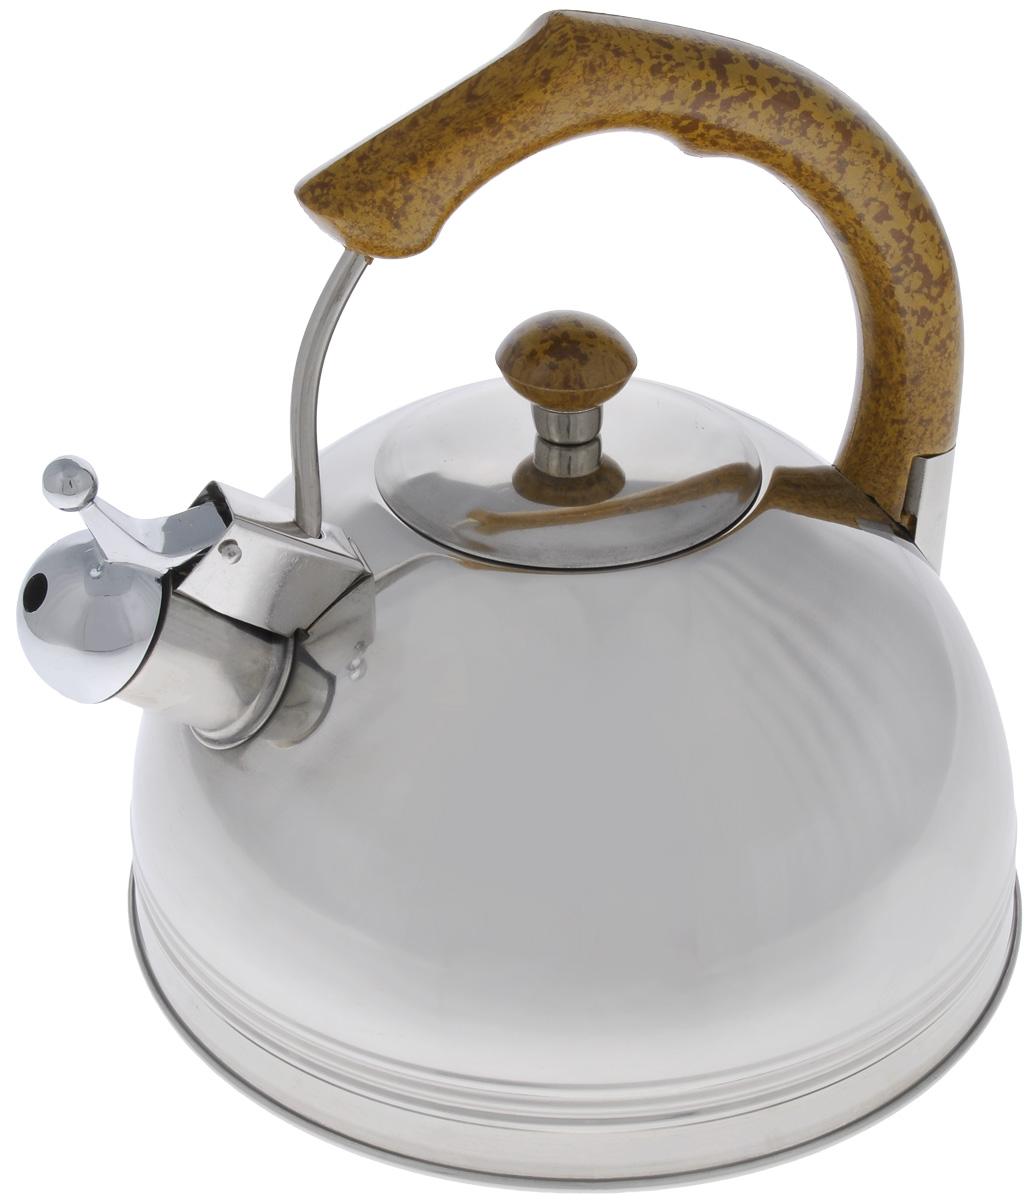 Чайник Mayer & Boch, со свистком, 2,5 л. 6088VT-1520(SR)Чайник Mayer & Boch выполнен из высококачественной нержавеющей стали, что делает его весьма гигиеничным и устойчивым к износу при длительном использовании. Капсулированное дно с прослойкой из алюминия обеспечивает наилучшее распределение тепла. Носик чайника оснащен насадкой-свистком, что позволит вам контролировать процесс подогрева или кипячения воды. Фиксированная ручка, изготовленная из бакелита в цвет дерева, делает использование чайника очень удобным и безопасным. Поверхность чайника гладкая, что облегчает уход за ним. Эстетичный и функциональный, с эксклюзивным дизайном, чайник будет оригинально смотреться в любом интерьере.Подходит для всех типов плит, кроме индукционных. Можно мыть в посудомоечной машине.Высота чайника (без учета ручки и крышки): 8,5 см.Высота чайника (с учетом ручки и крышки): 21 см.Диаметр чайника (по верхнему краю): 11,5 см.